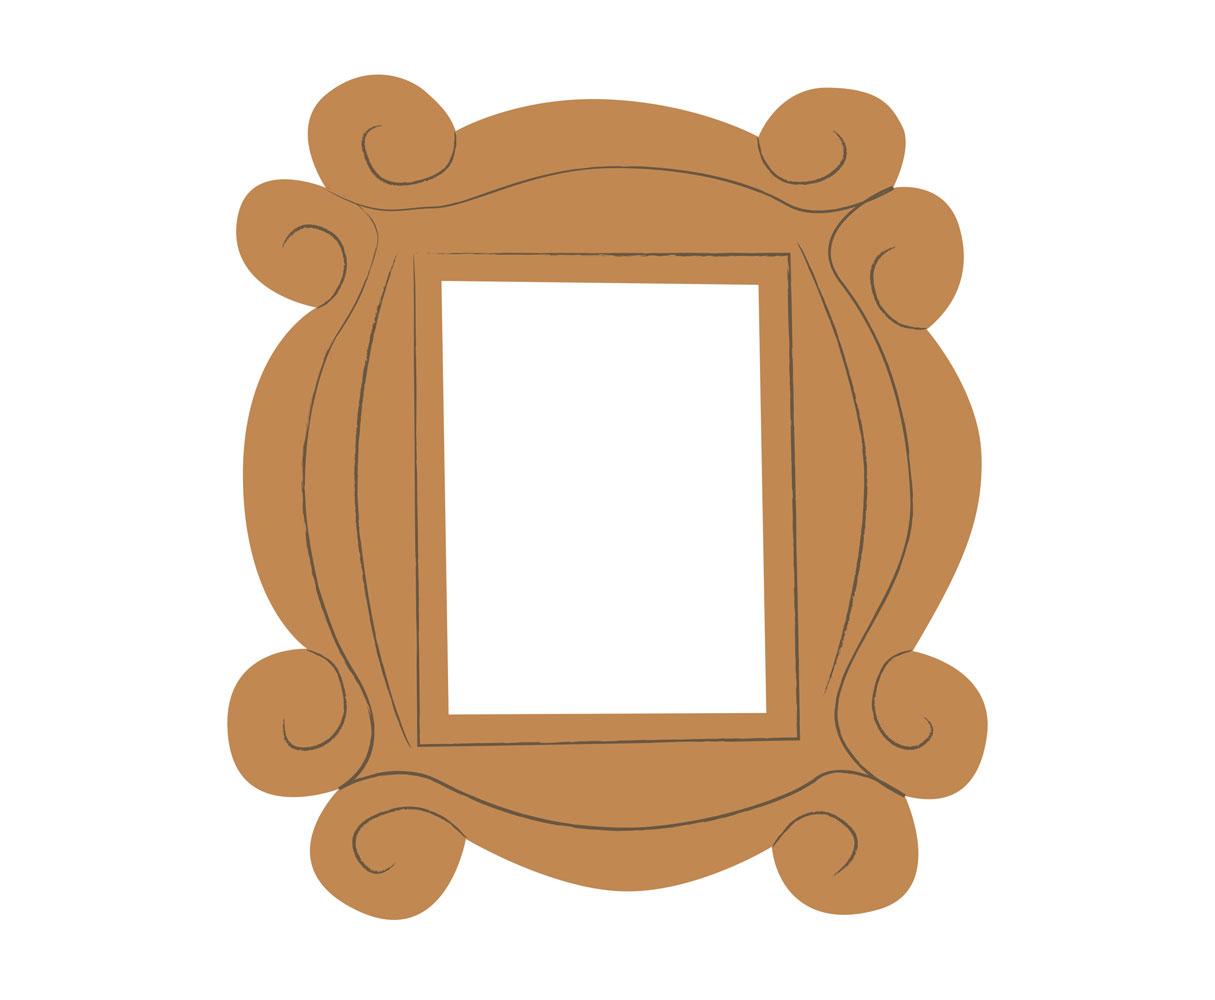 Friends-Frame-step-1.jpg